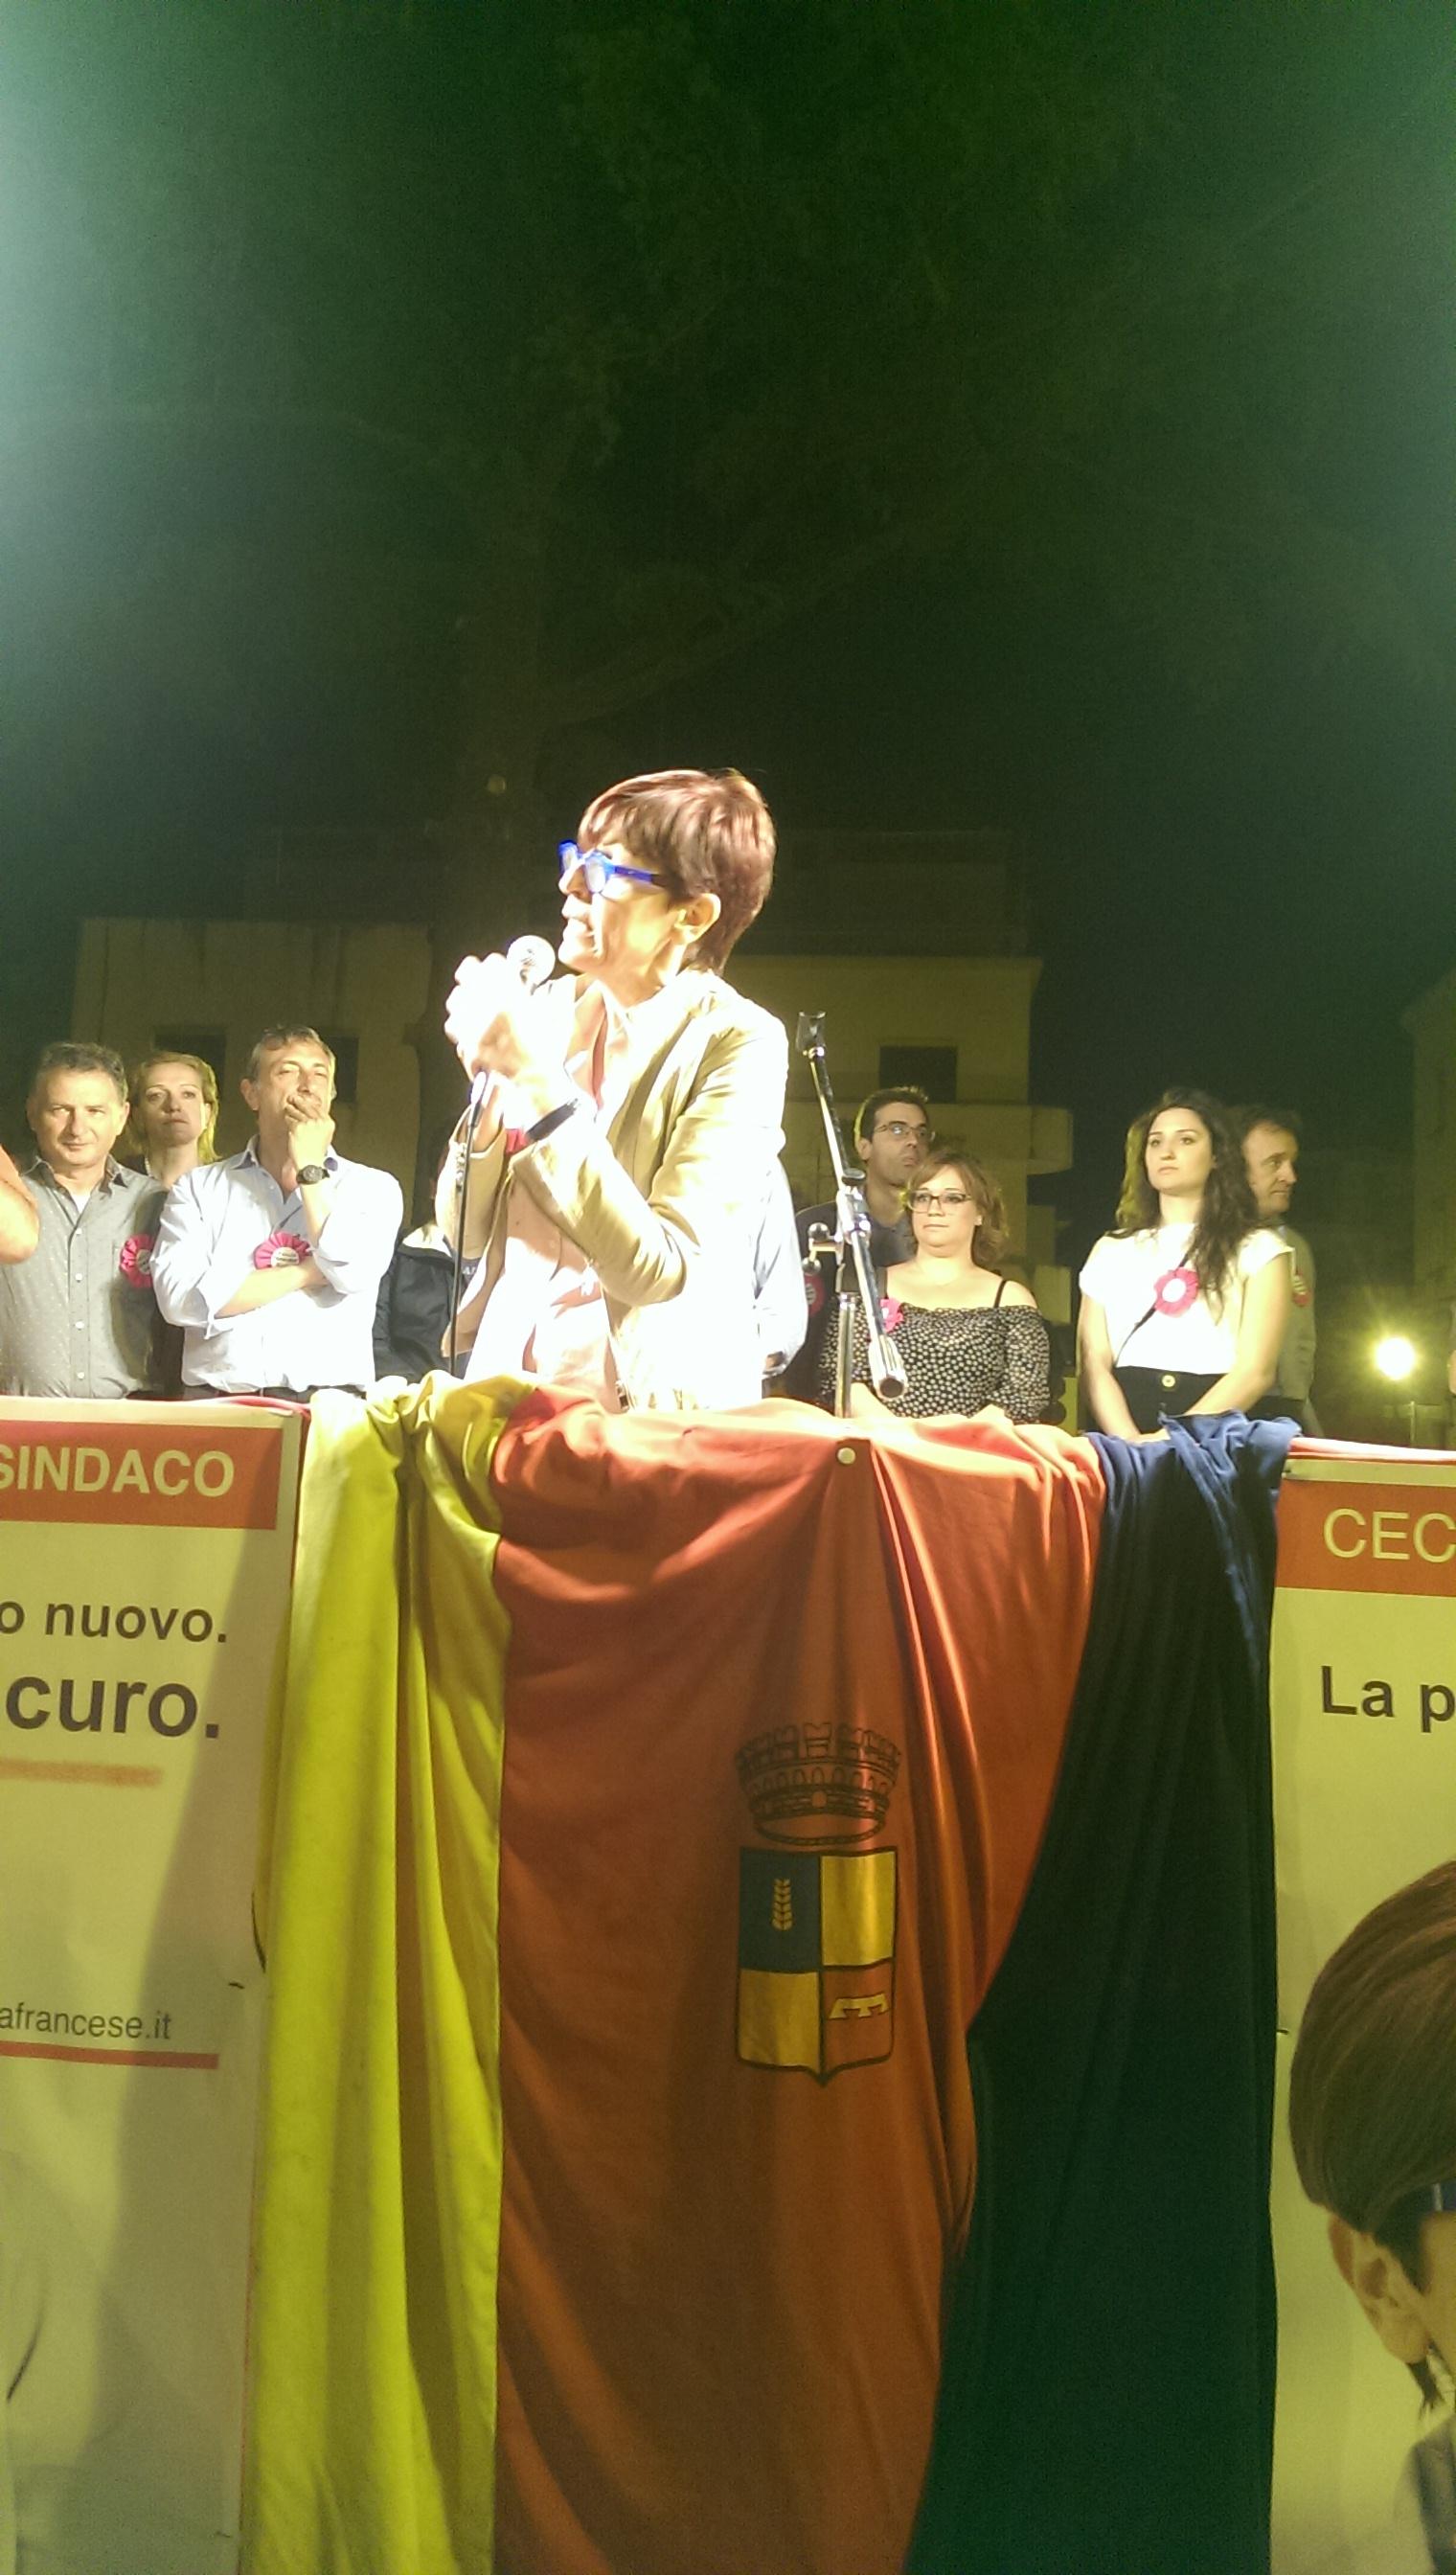 Cecilia Francese-Ballottaggio